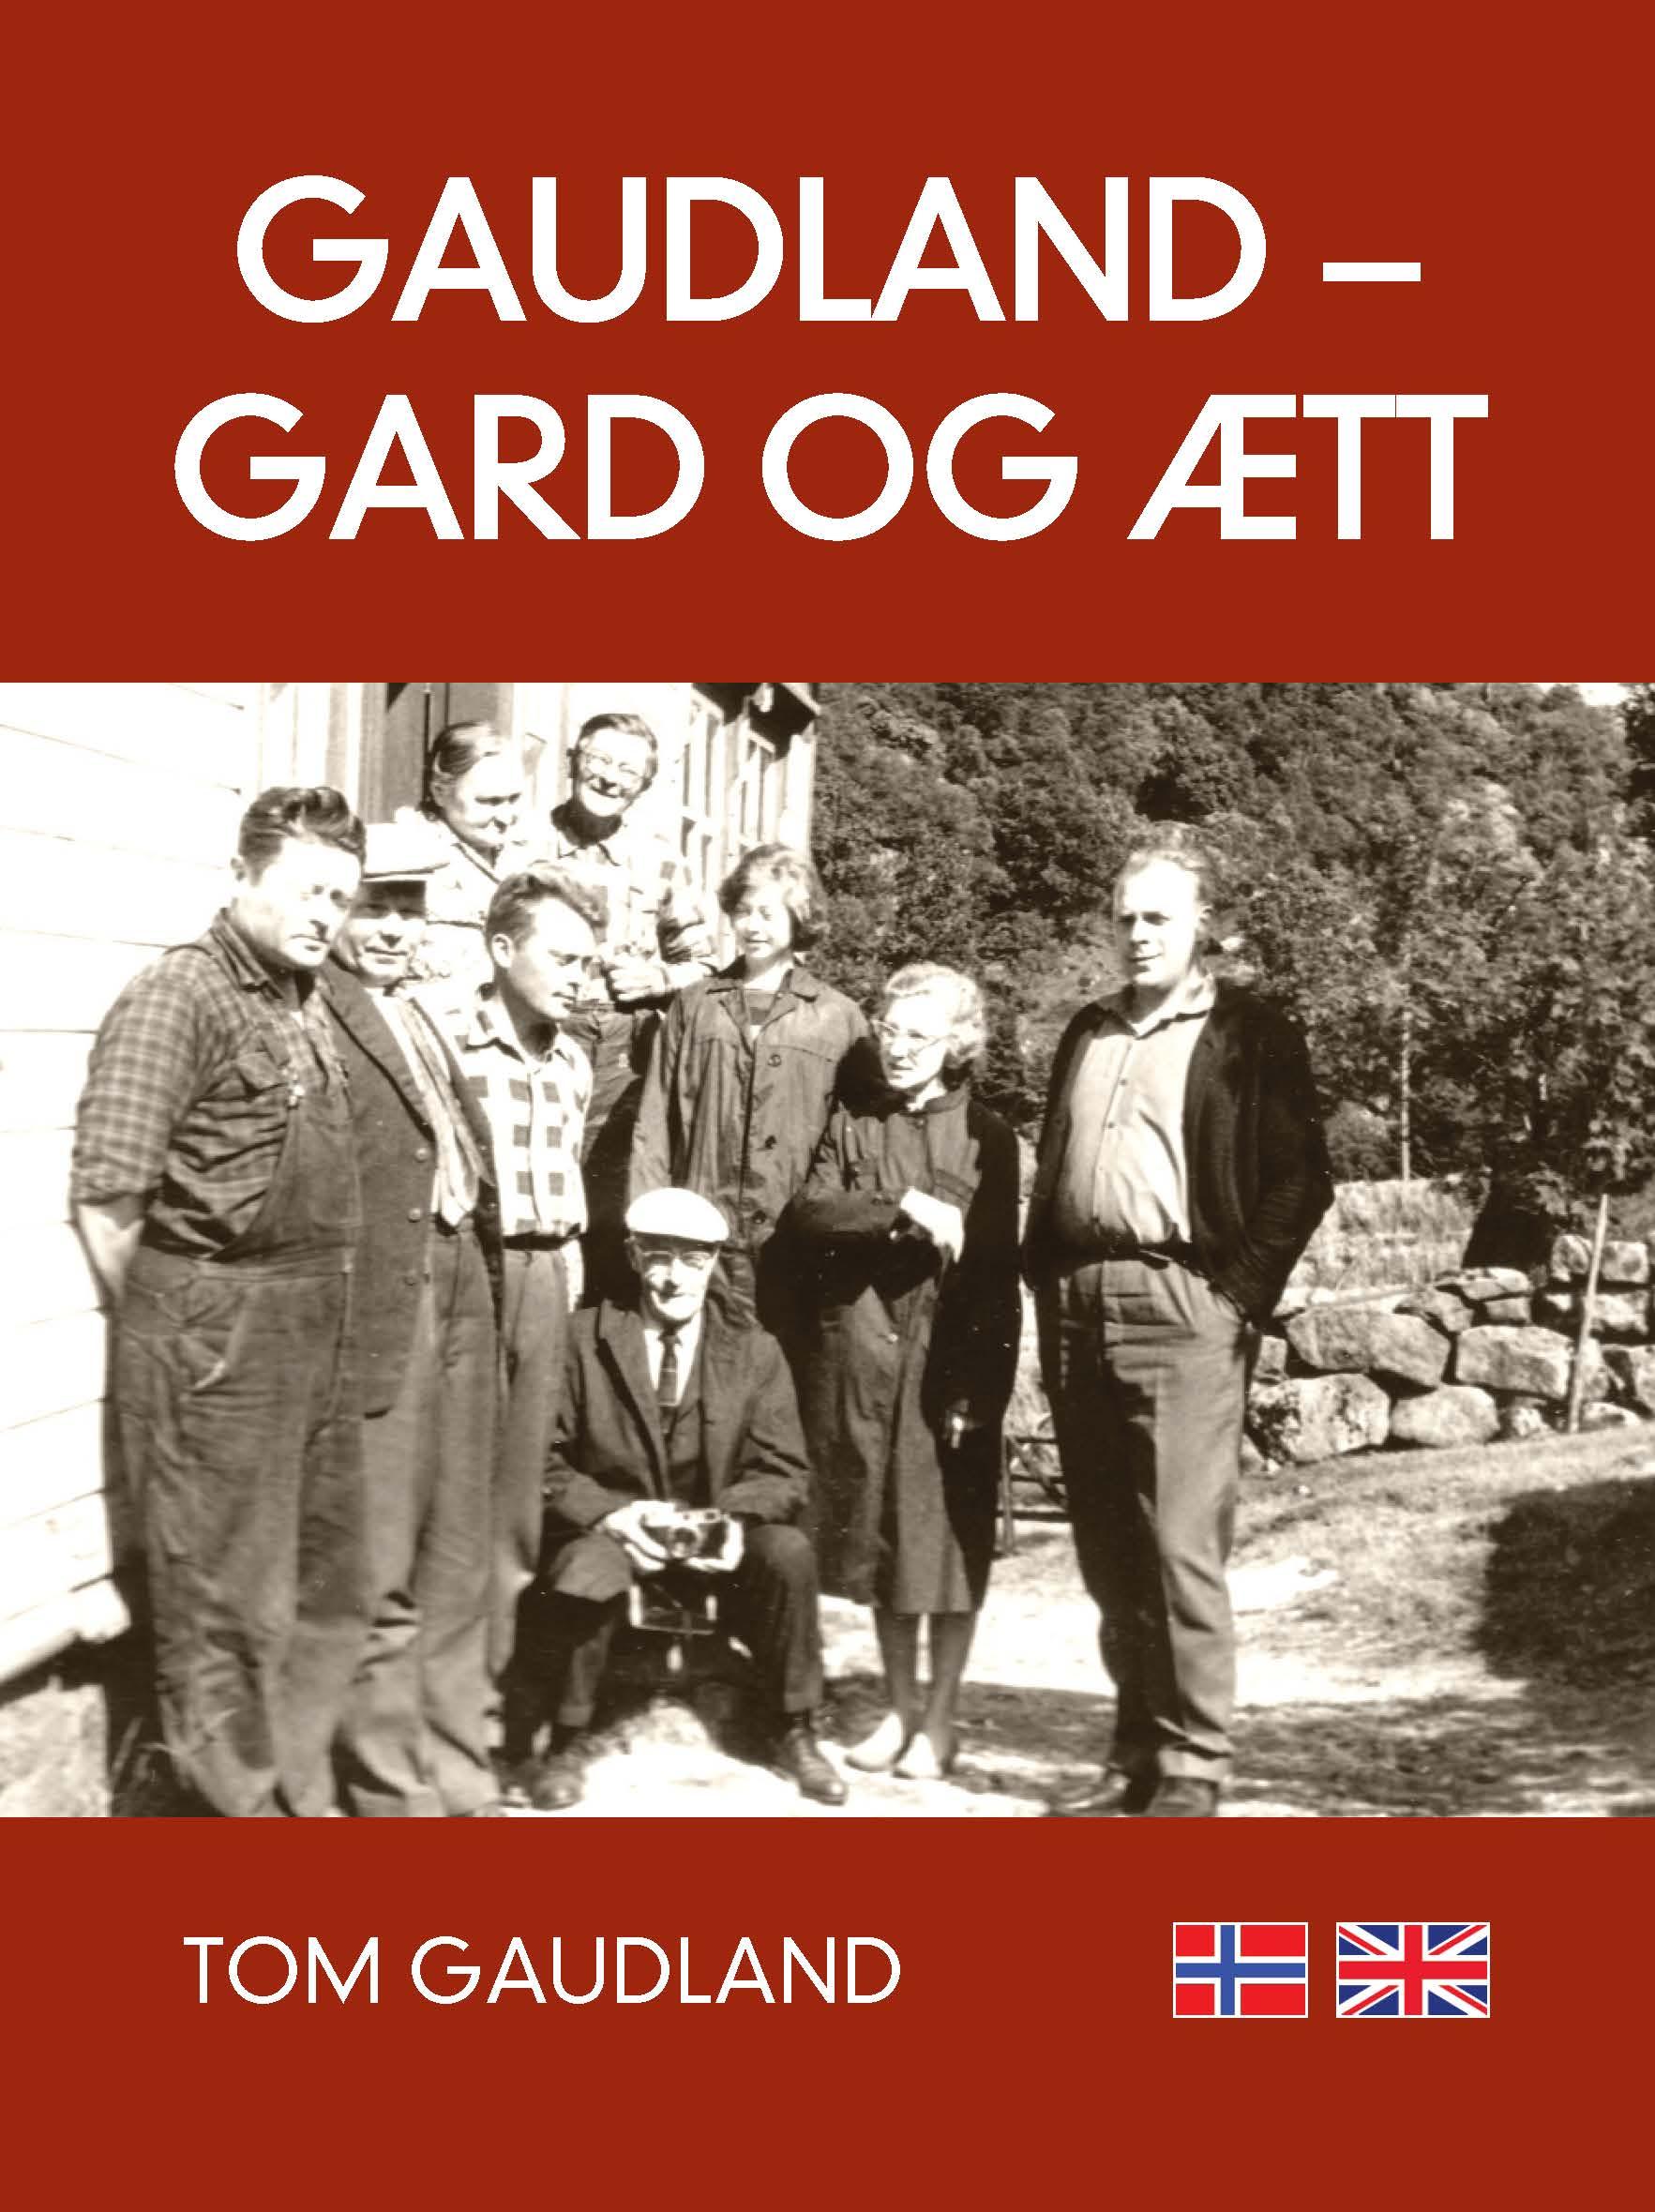 Gaudland - gard og ætt